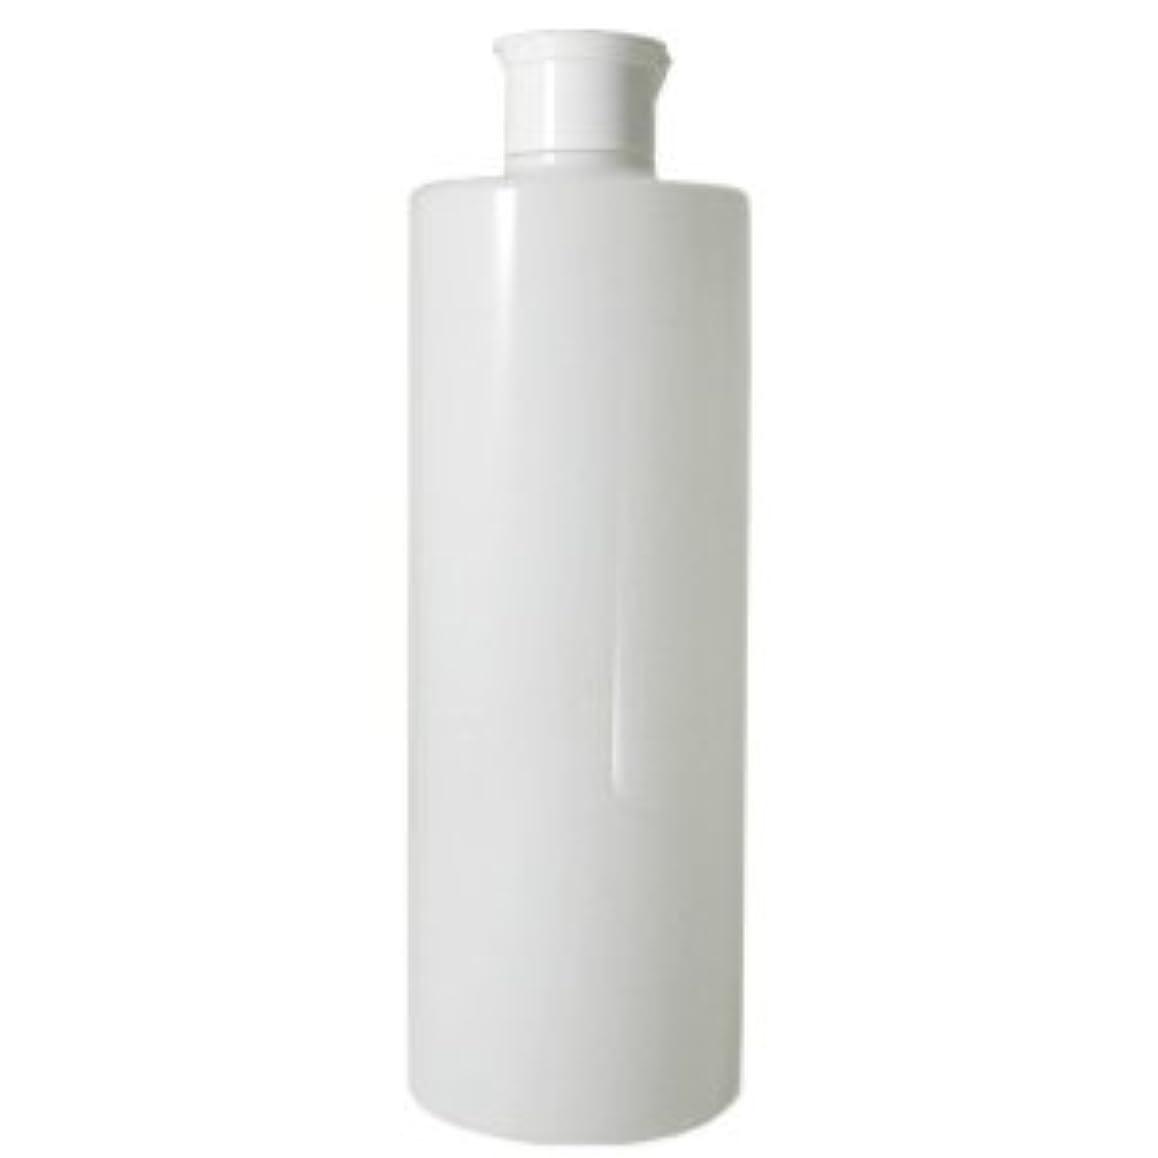 ワーディアンケース類人猿むしゃむしゃワンタッチキャップ 乳白半透明容器 500ml